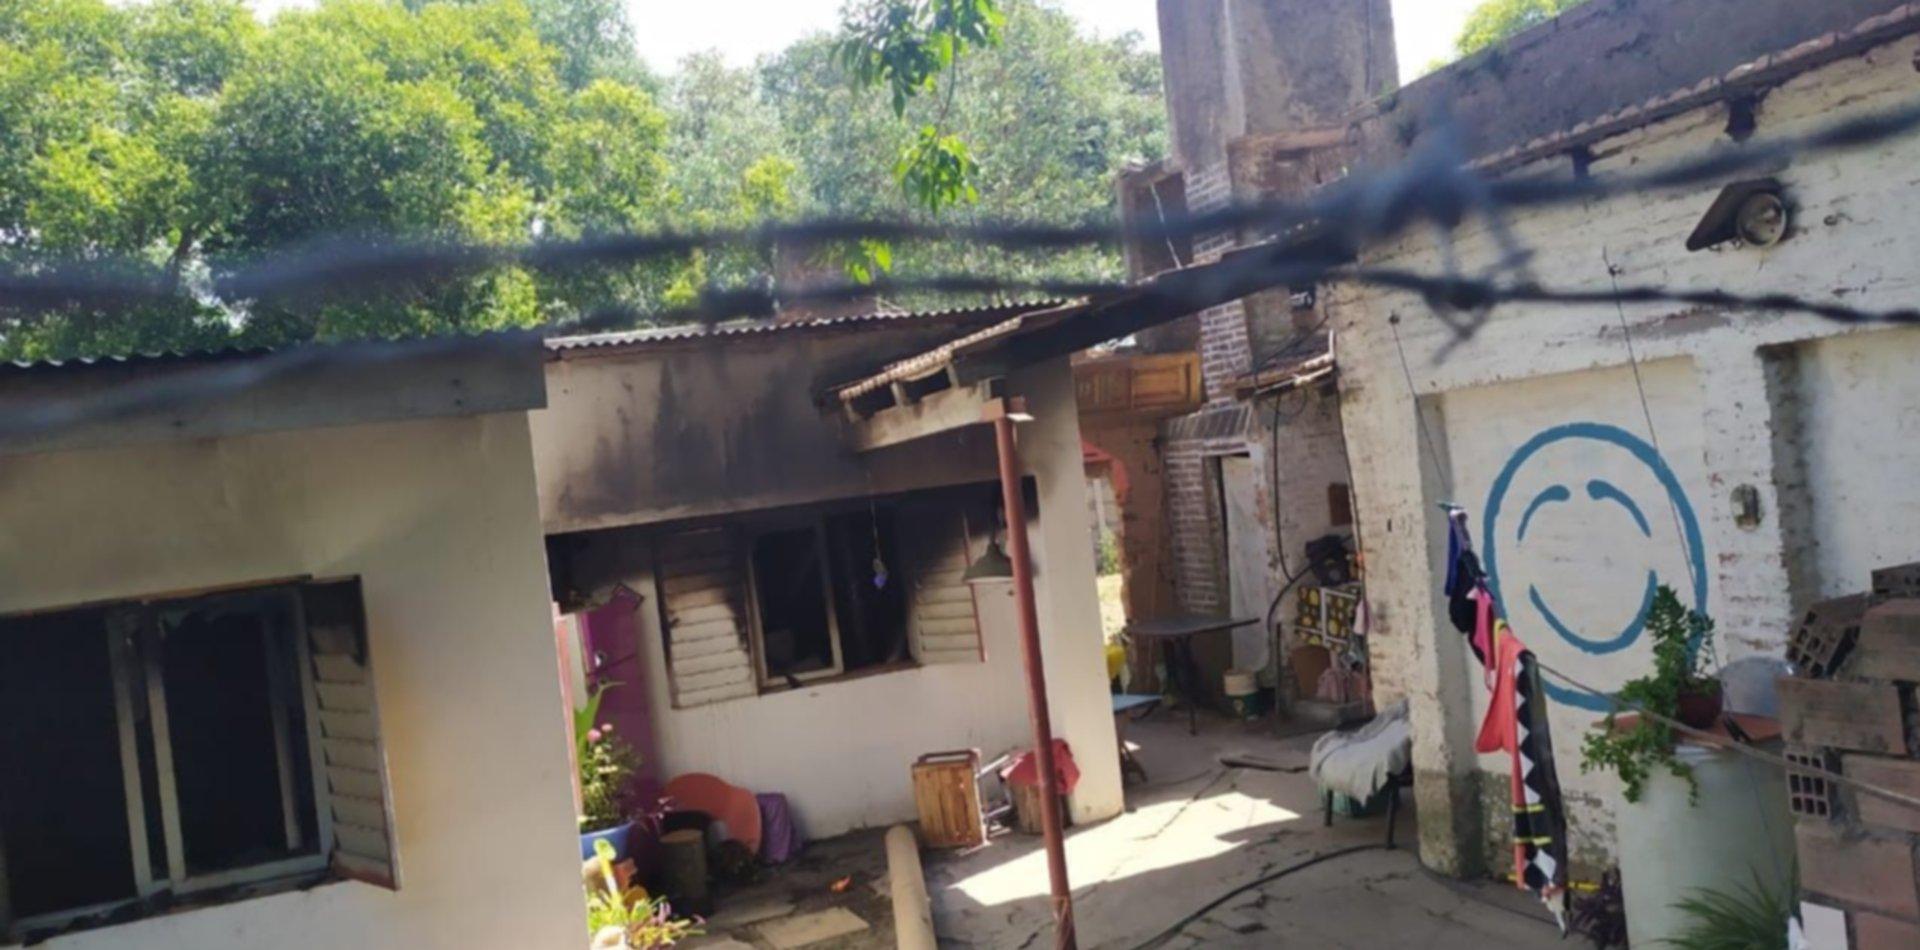 Brutal caso de violencia de género en La Plata: golpeó a su ex, la mordió y prendió fuego su casa